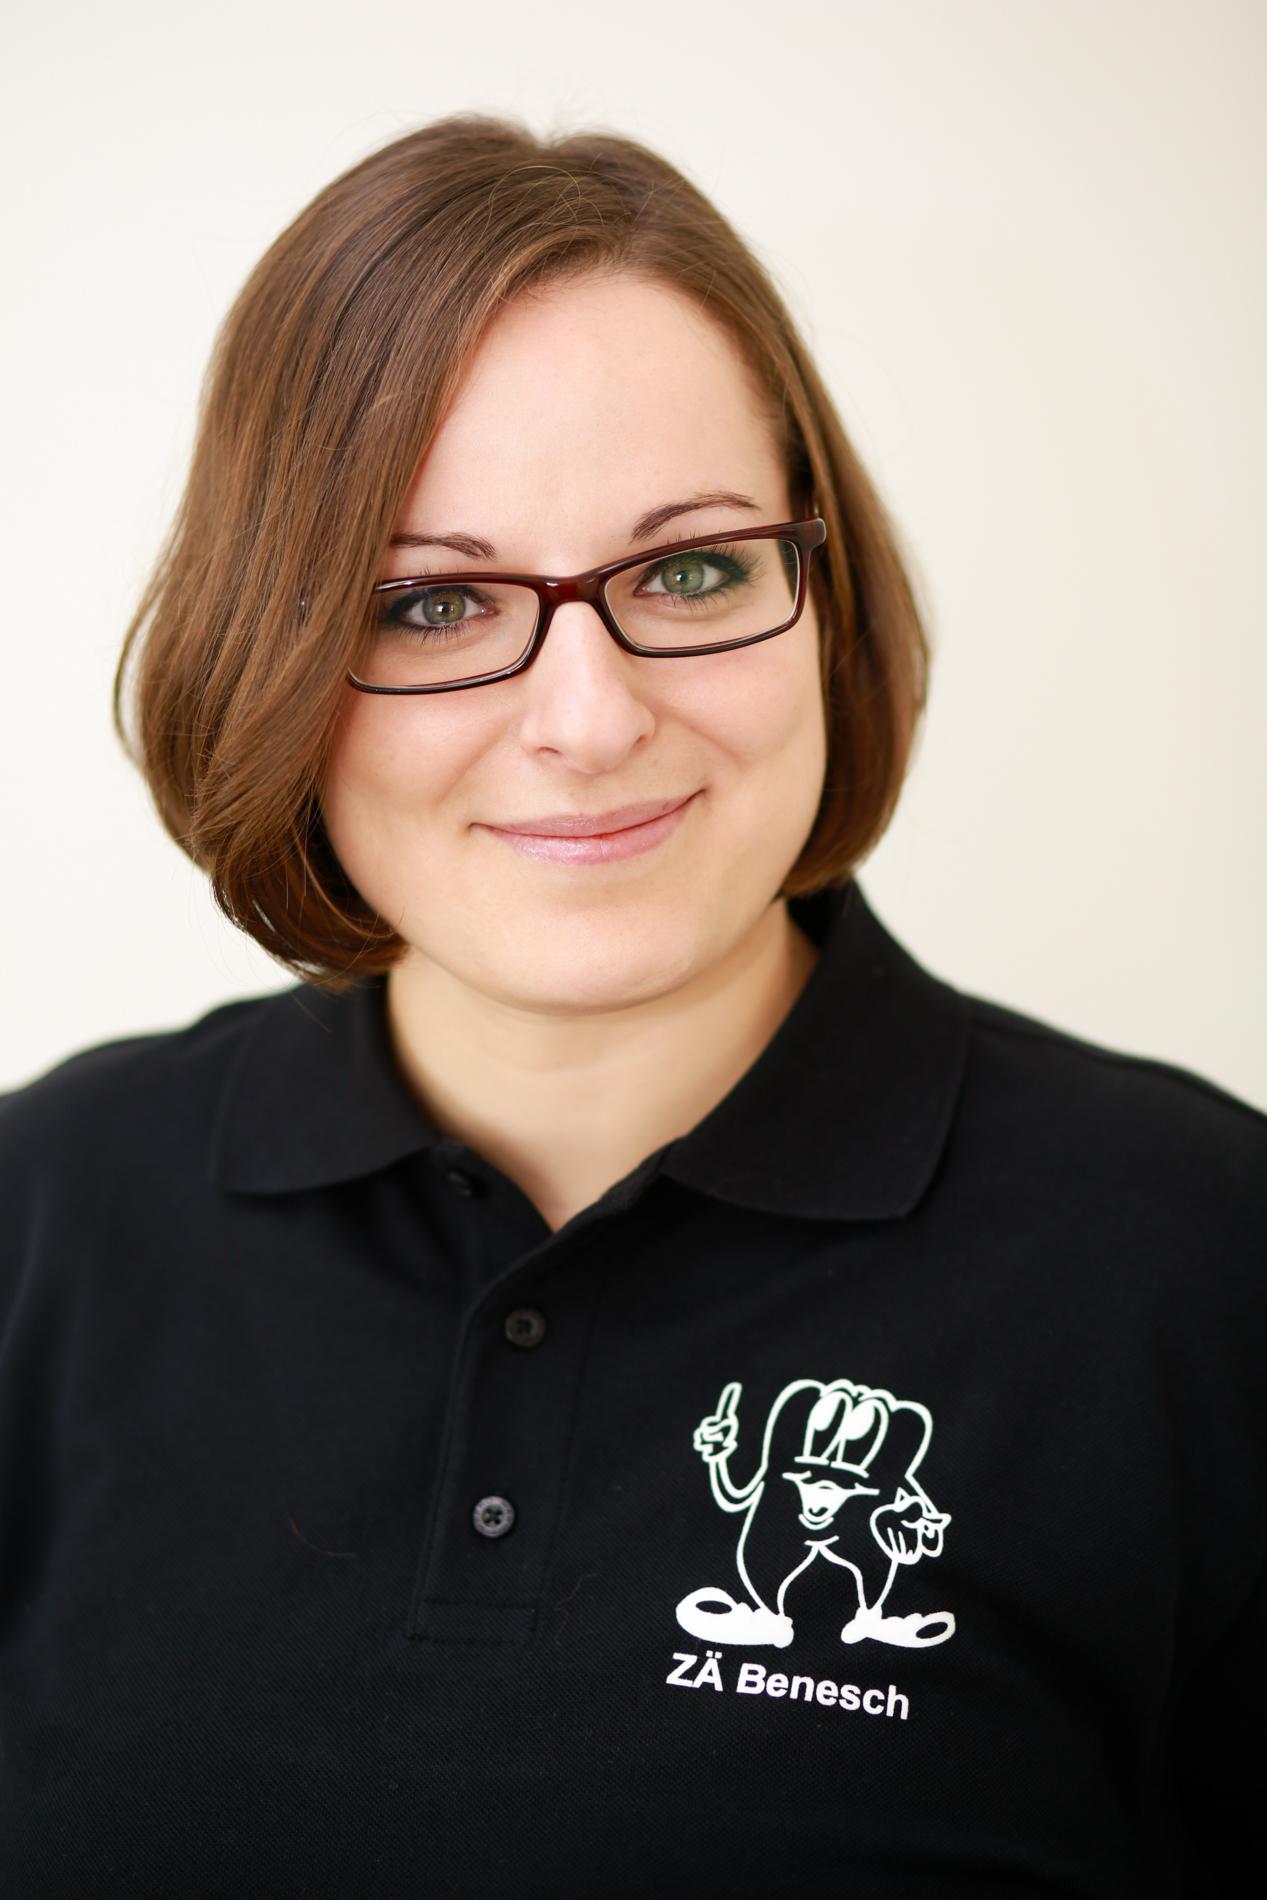 Julia Benesch